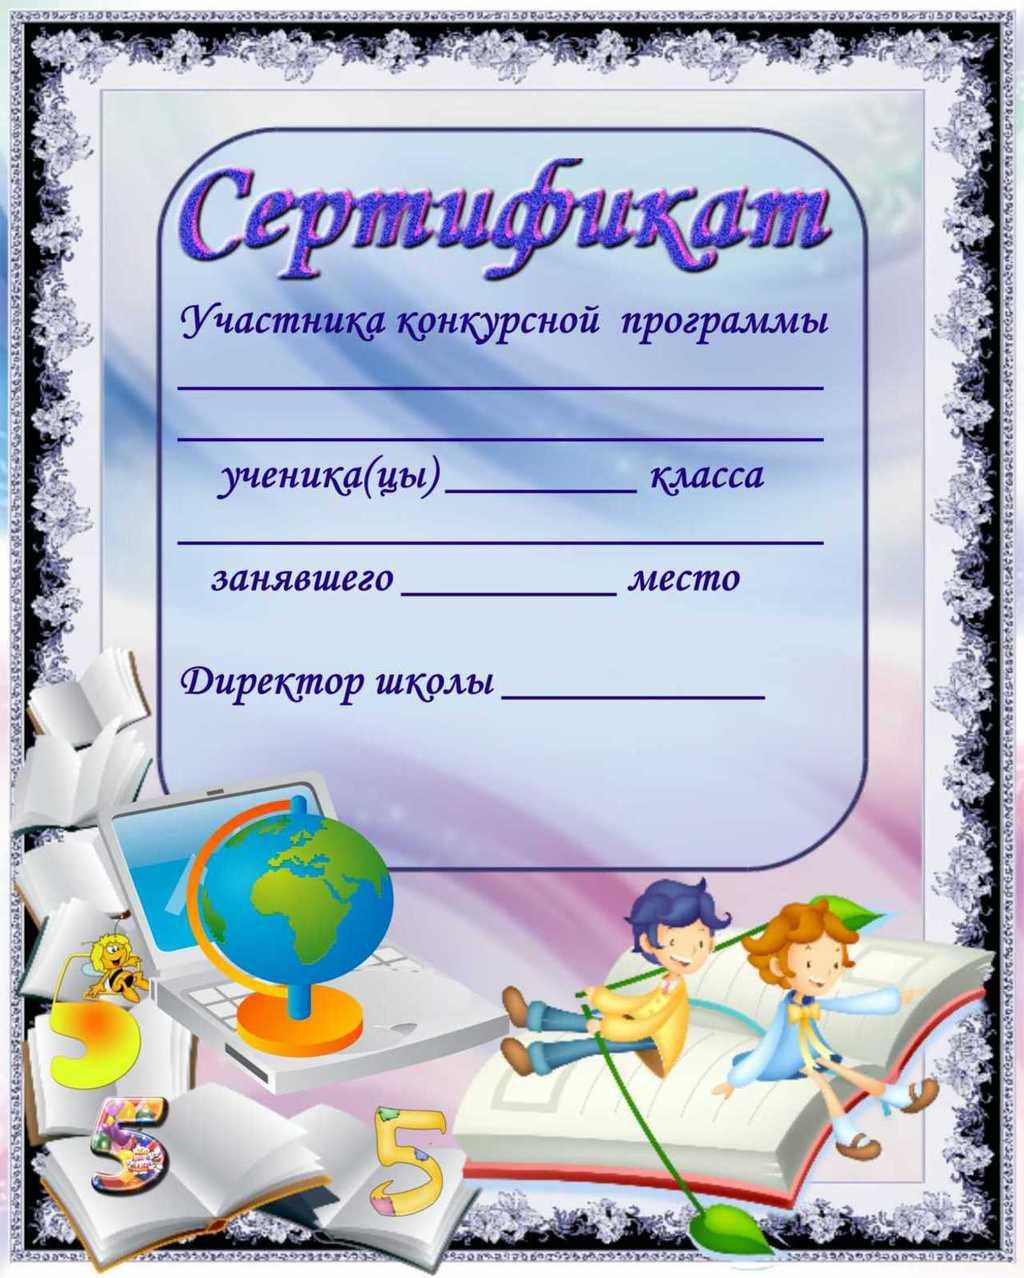 Скачать шаблоны сертификатов за участие в конкурсах